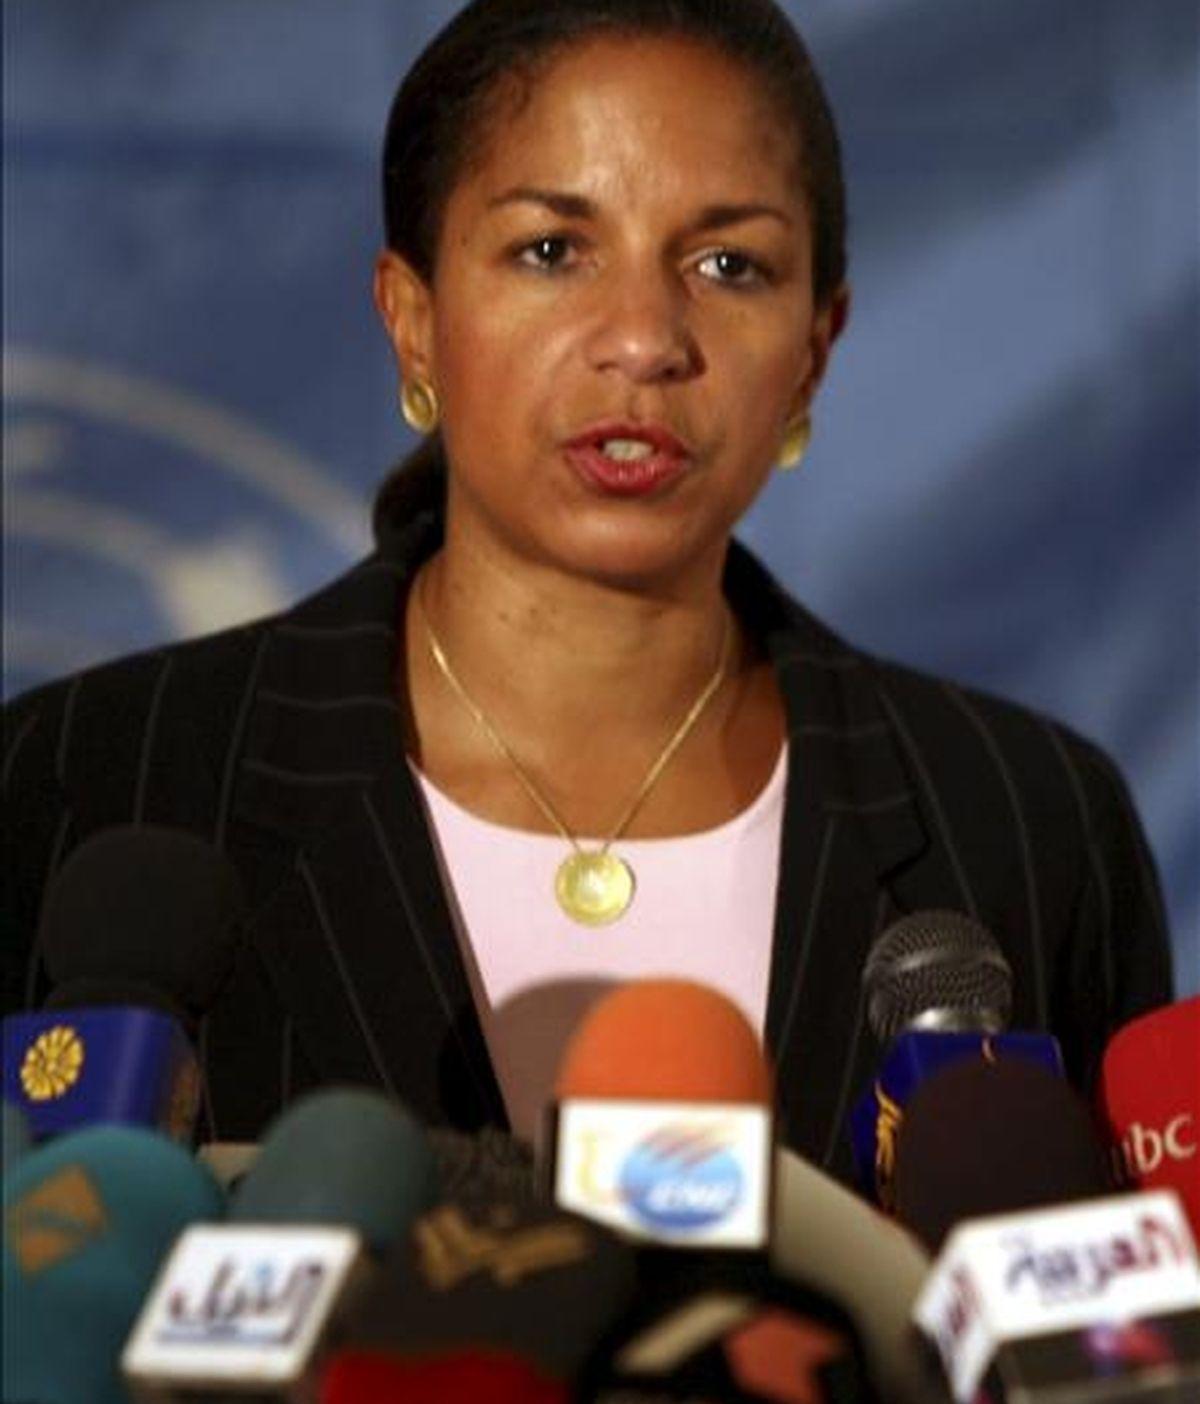 """""""Los miembros del Consejo de Seguridad están unidos y subrayan la necesidad de que Irán cumpla con sus obligaciones internacionales. Hoy hemos oído cómo Irán sigue violando resoluciones importantes"""", explicó la embajadora de EE.UU. ante la ONU, Susan Rice. EFE/Archivo"""